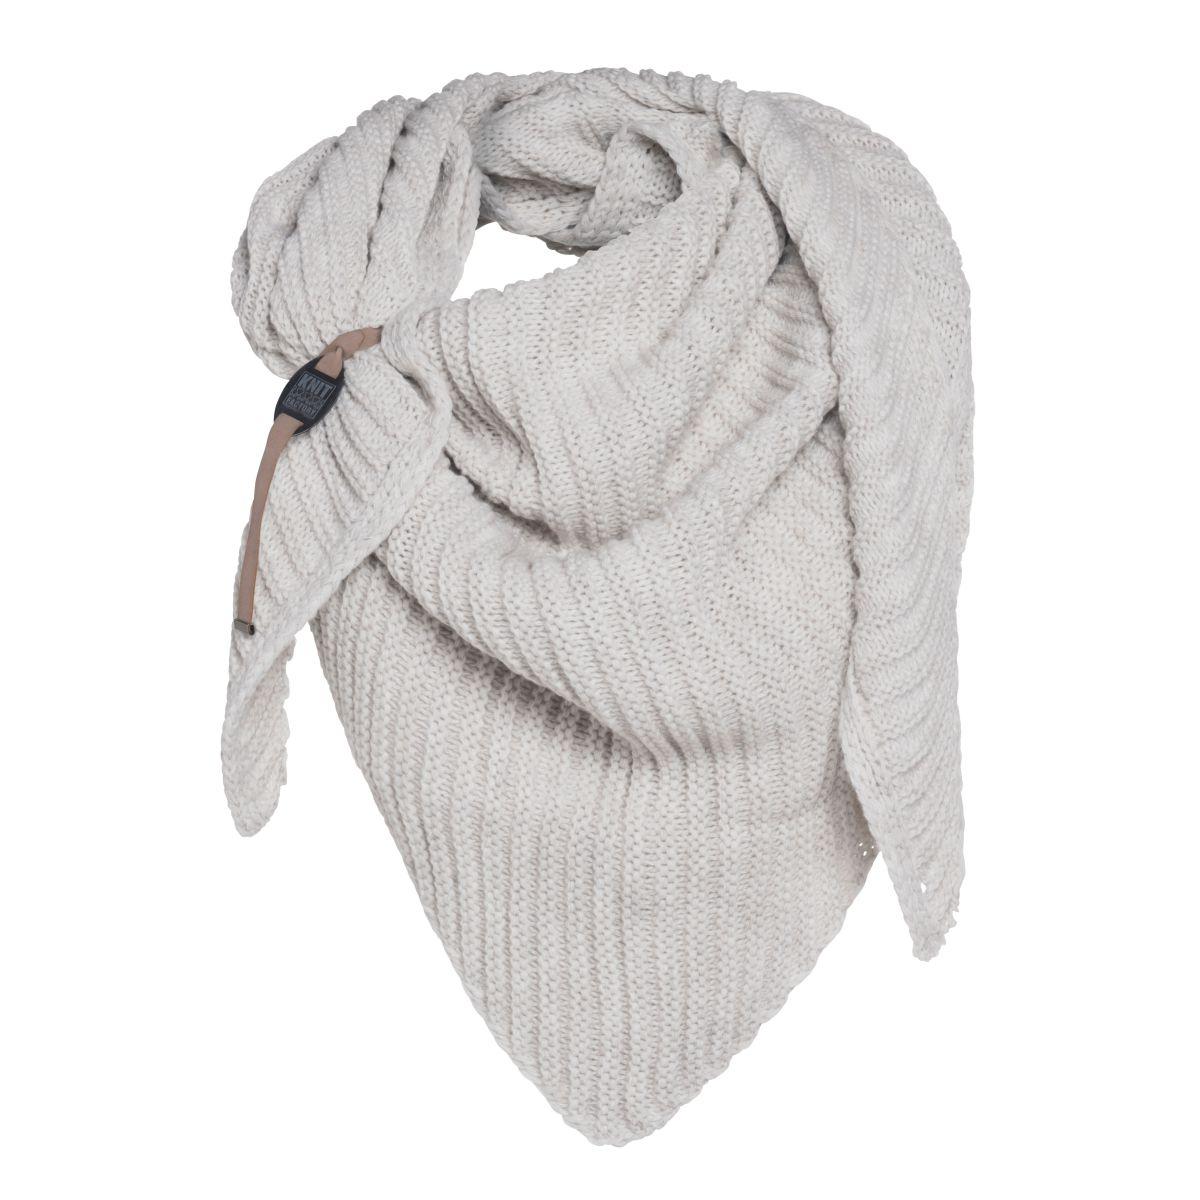 knit factory kf14706001250 demy omslagdoek beige 1